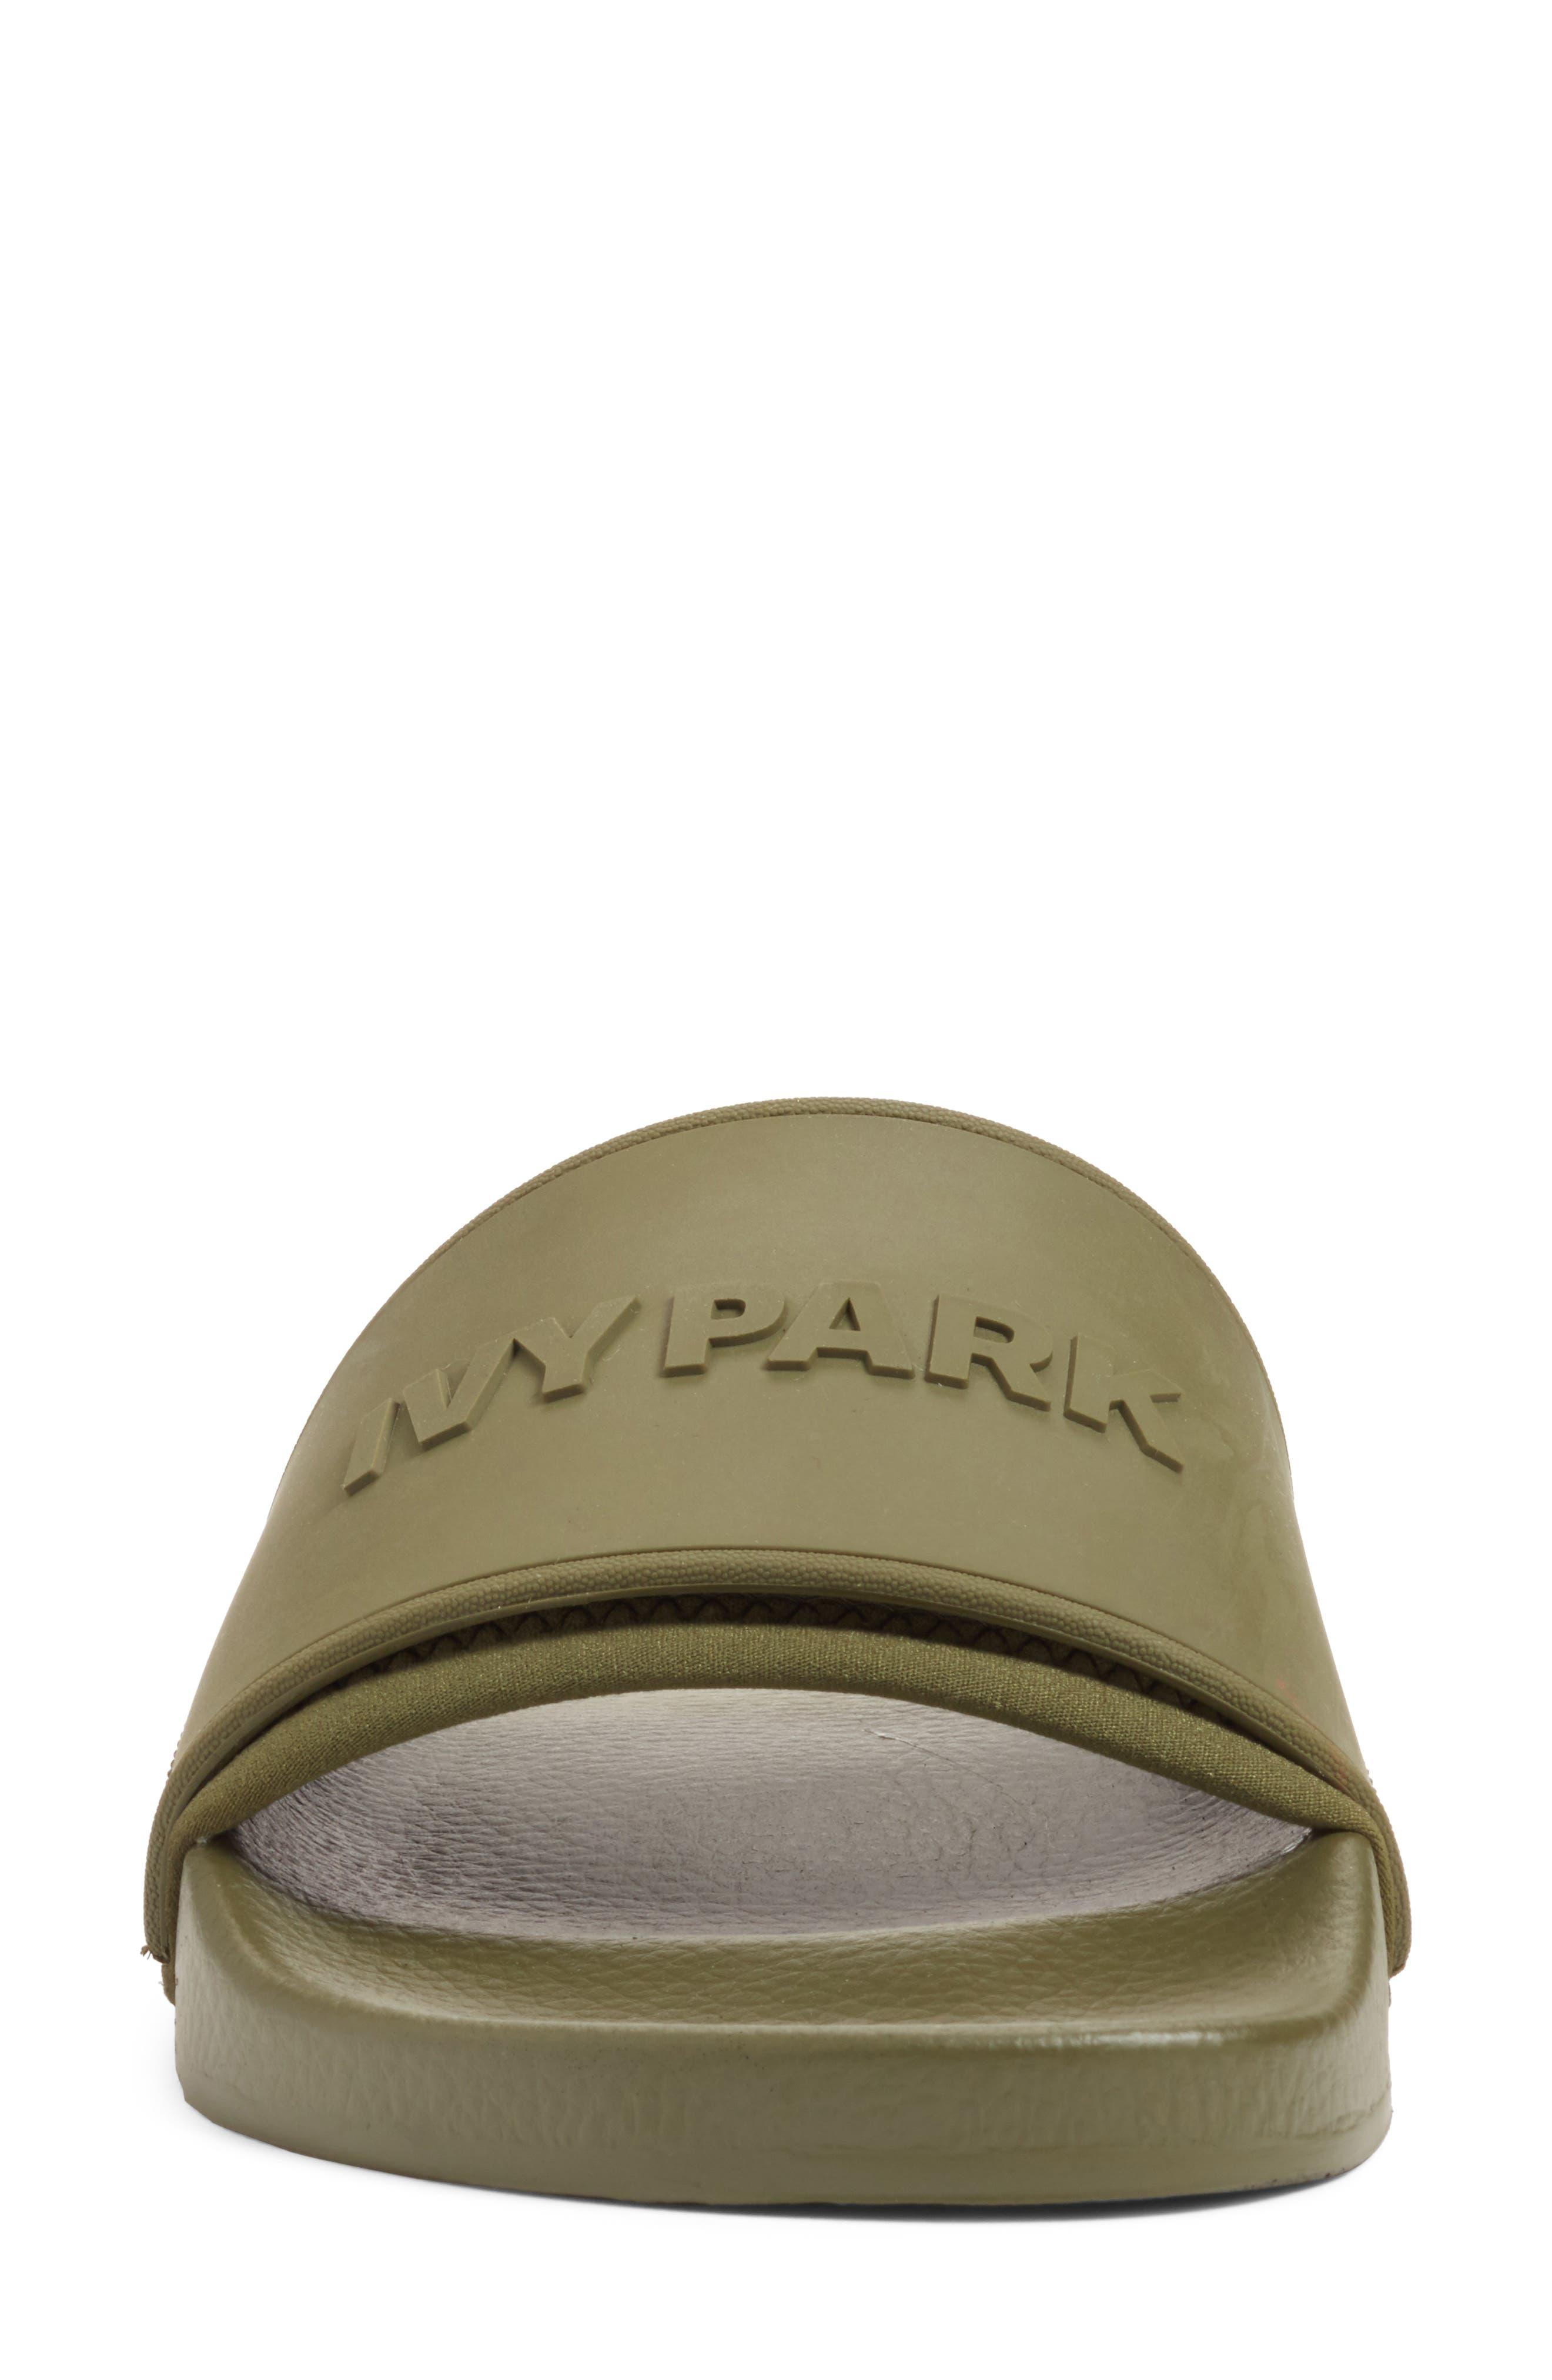 Alternate Image 4  - IVY PARK® Embossed Logo Sock Slide Sandal (Women)